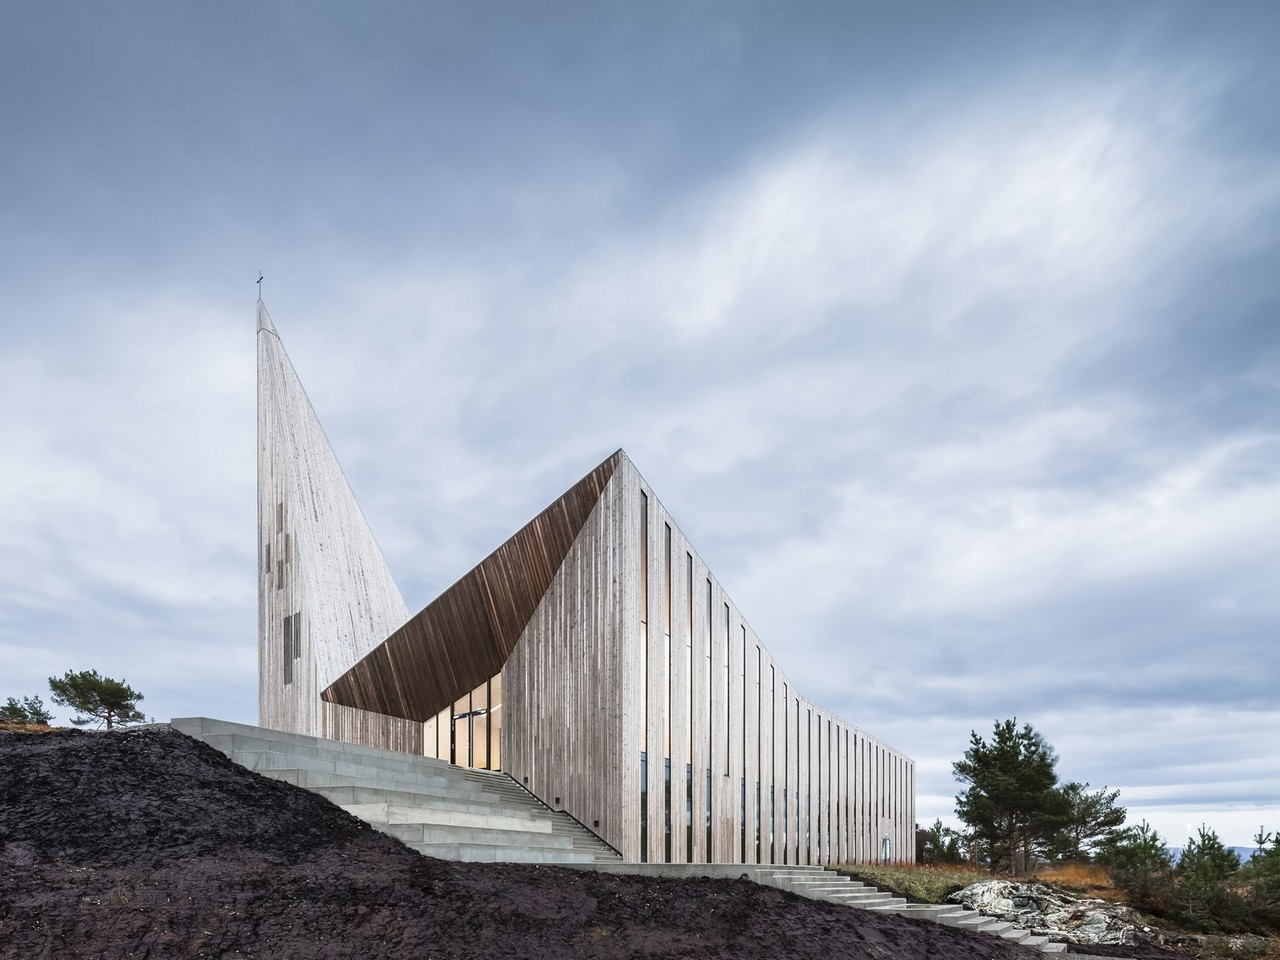 Community Church Knarvik